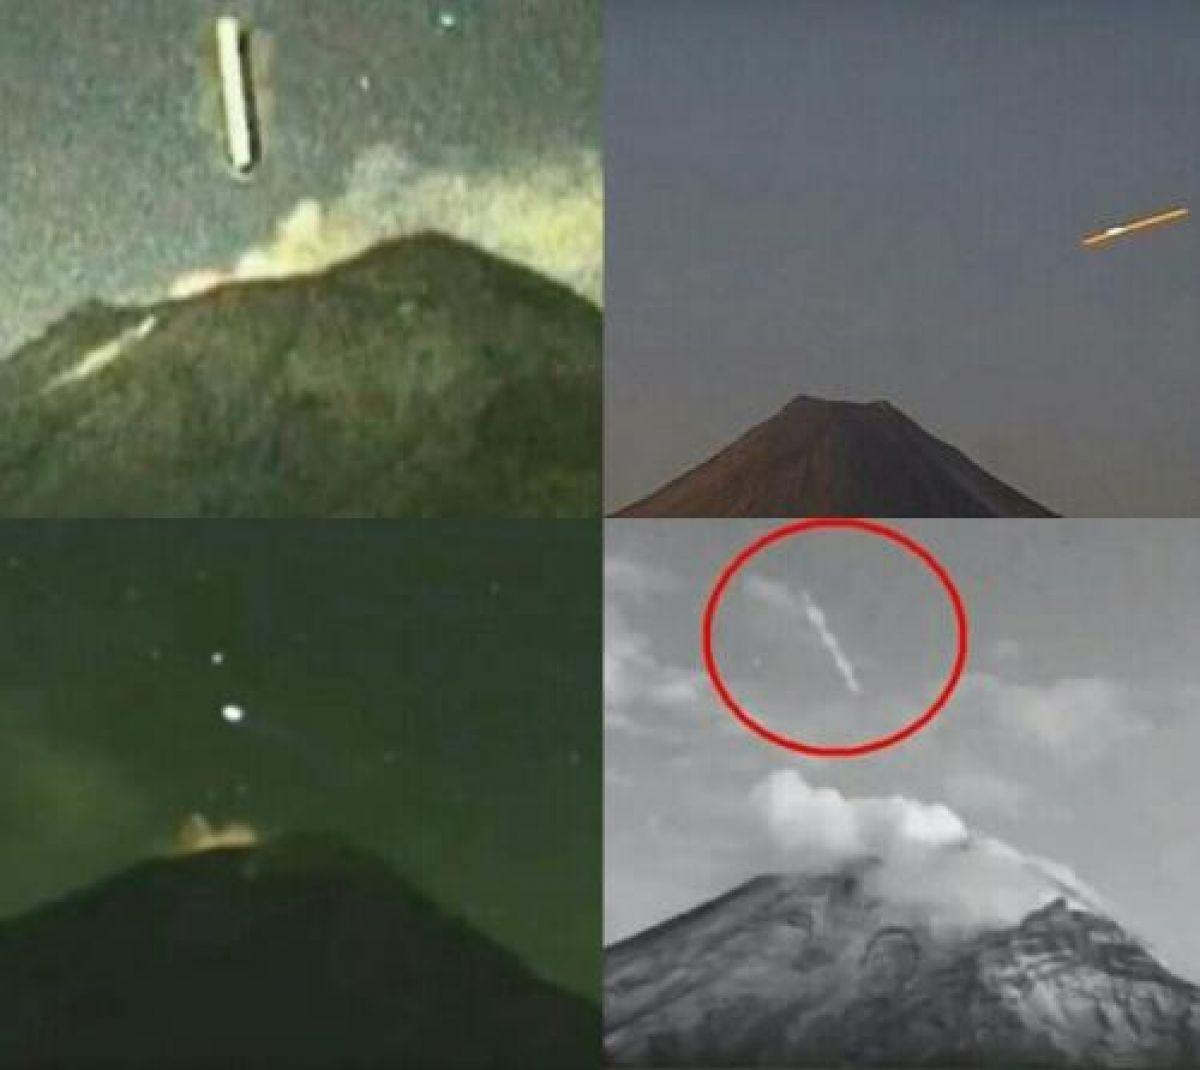 Уфологи считают, что причиной извержения вулкана в Мексике стал НЛО